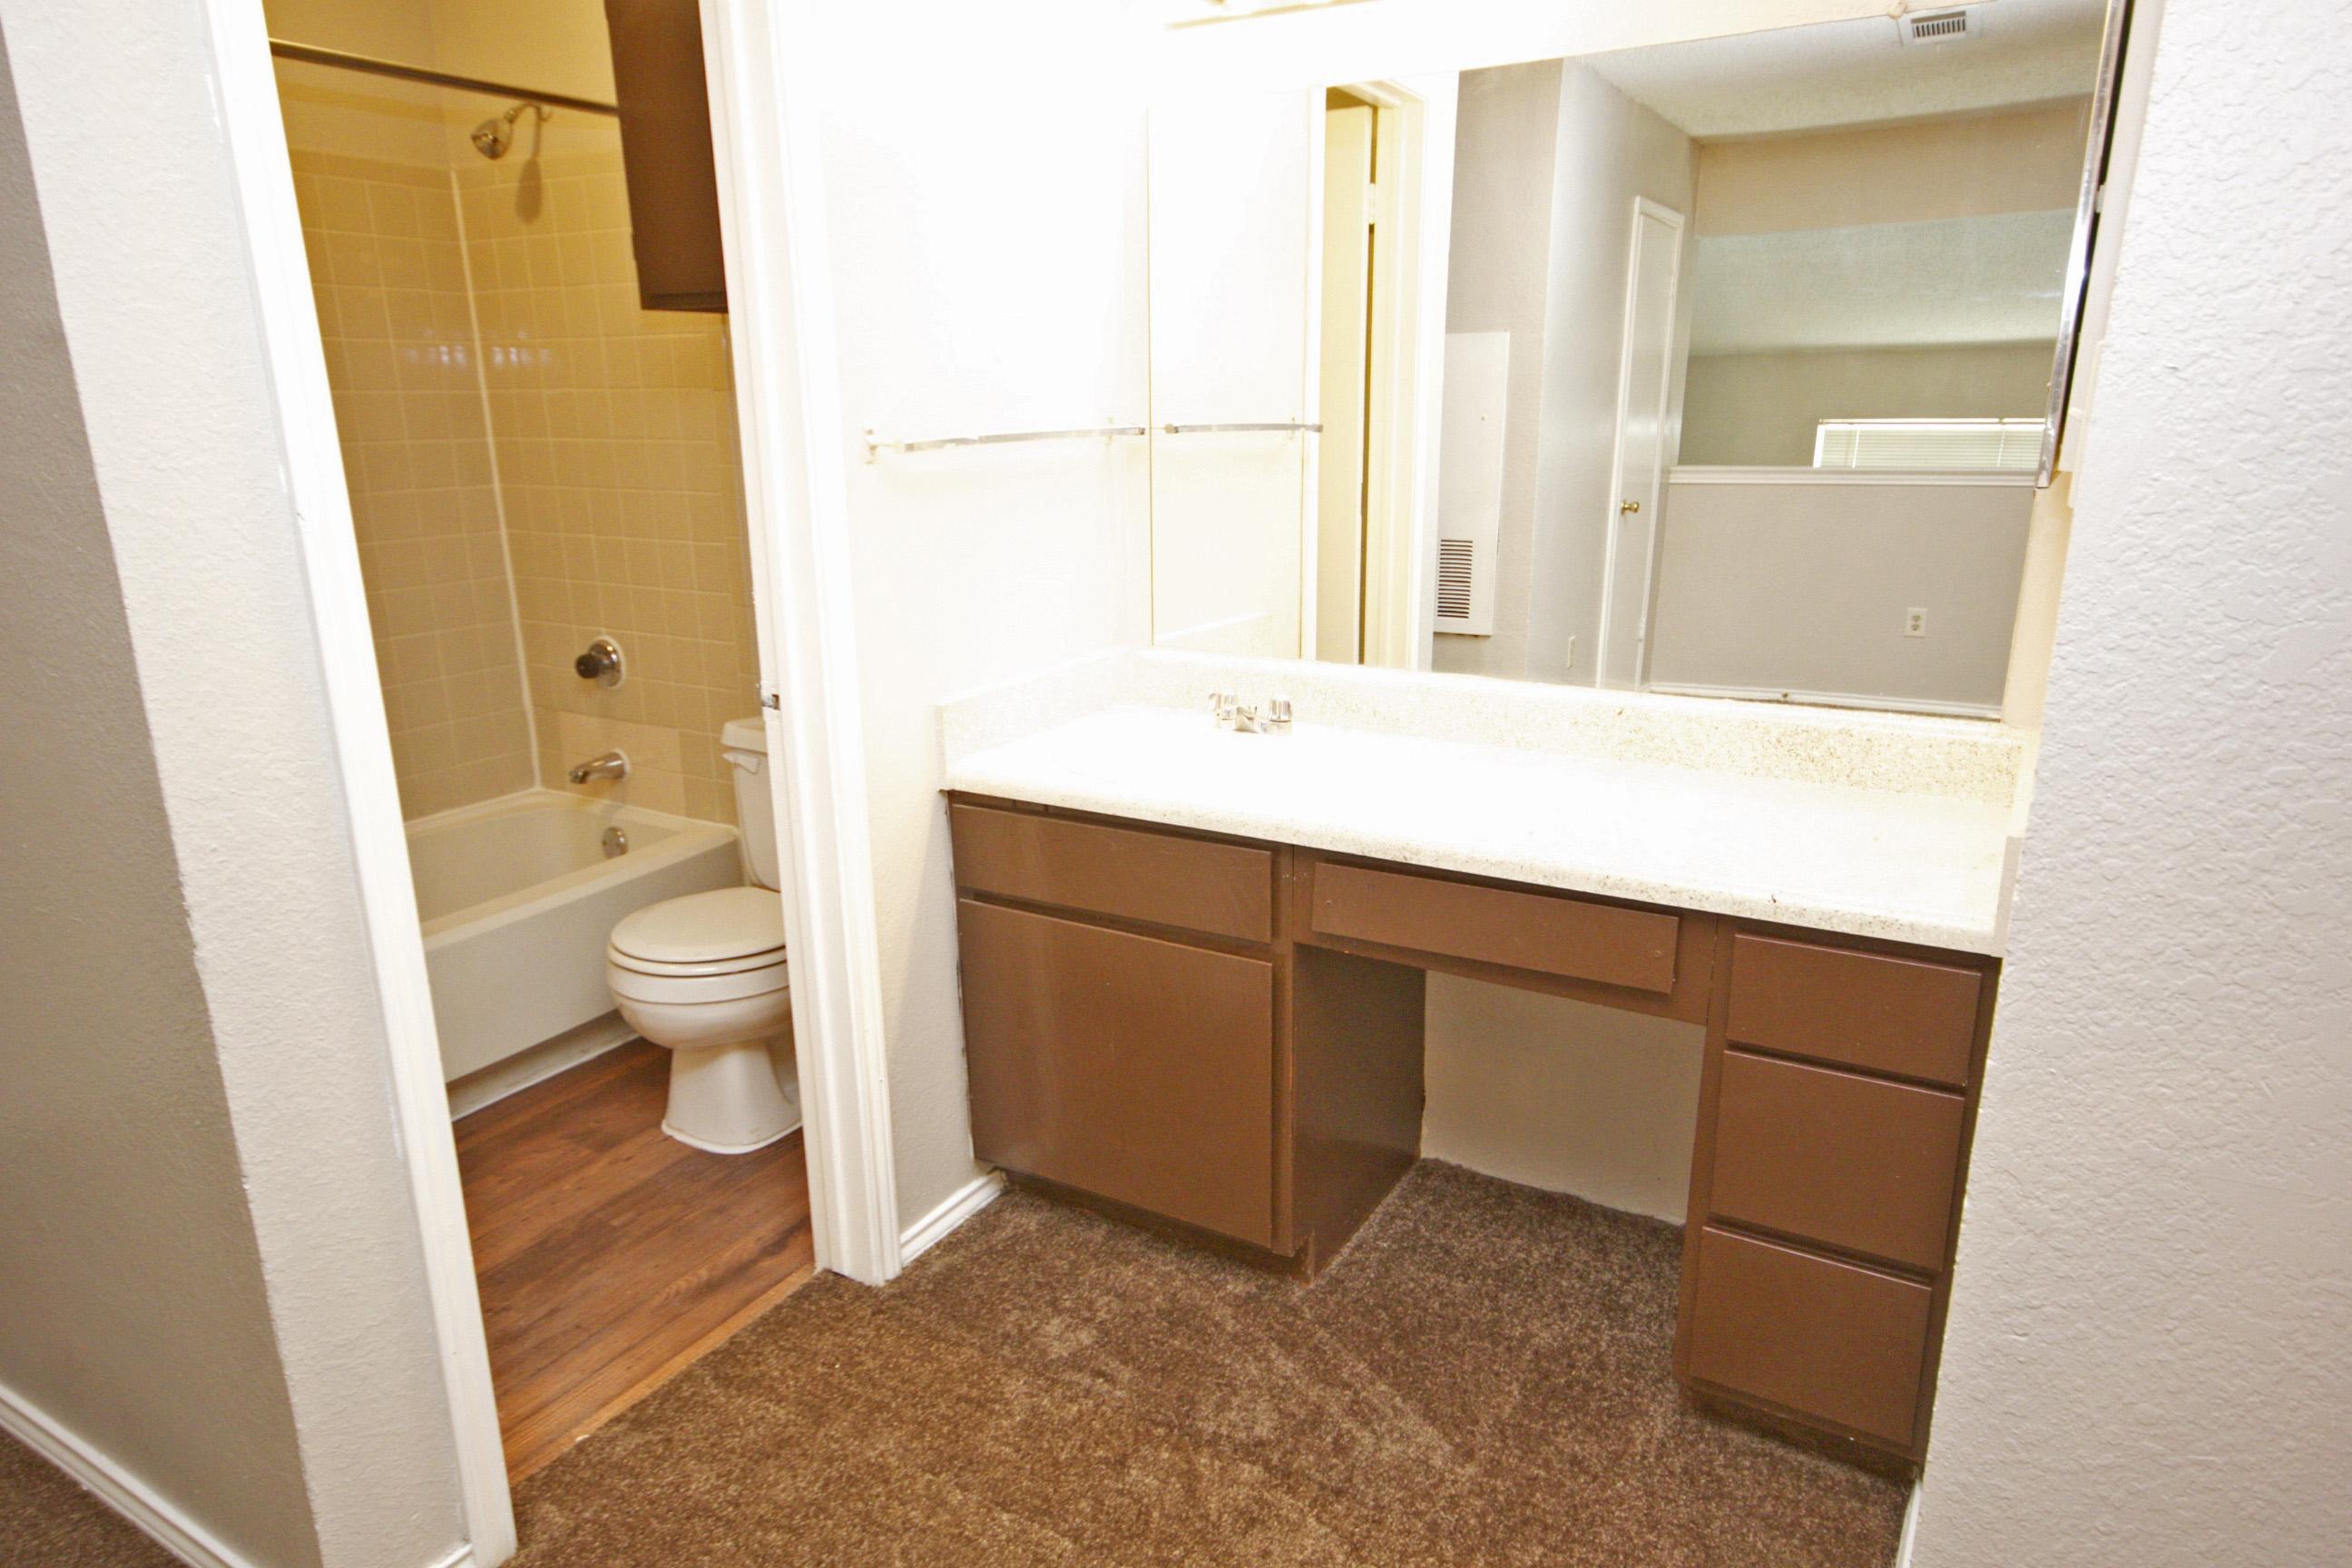 Shower and Bathtub Combination at Quail Ridge Apartments in Grand Prairie, Texas